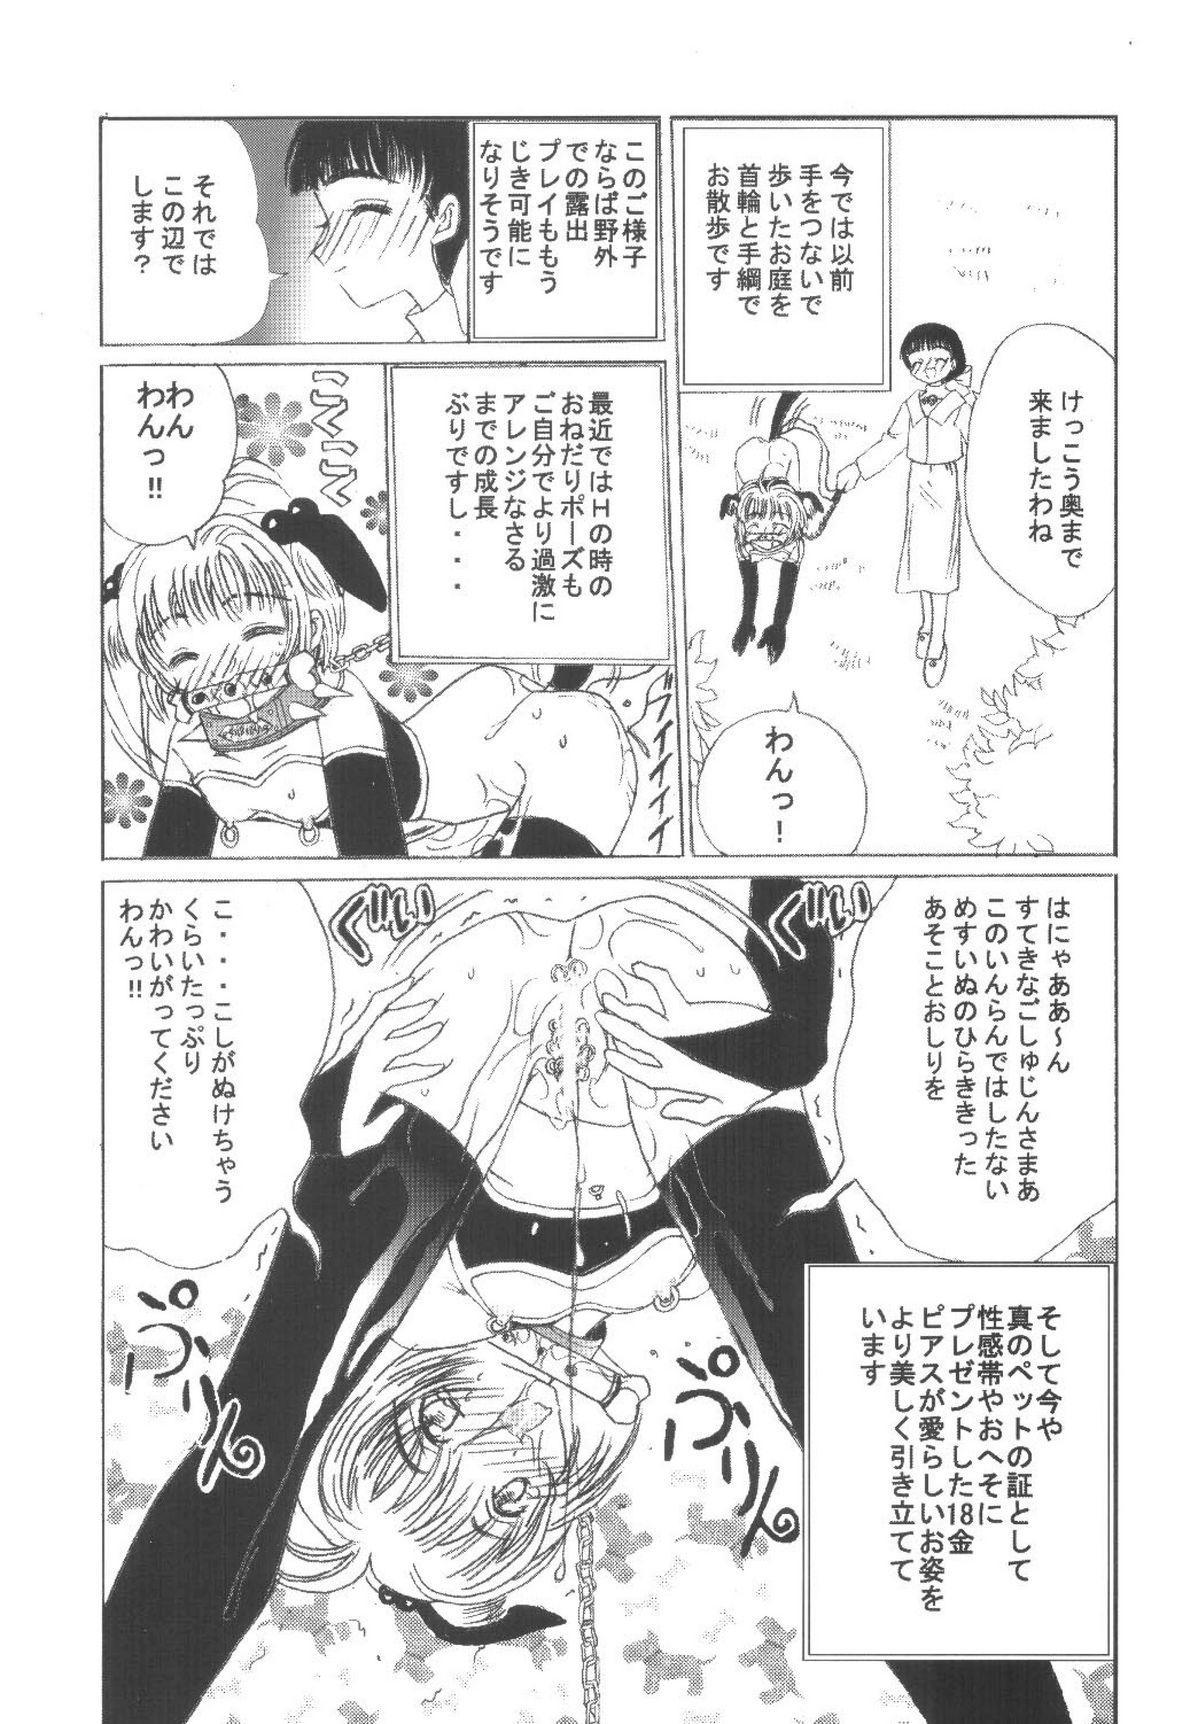 Kuuronziyou 6 Sakura-chan de Asobou 3 32